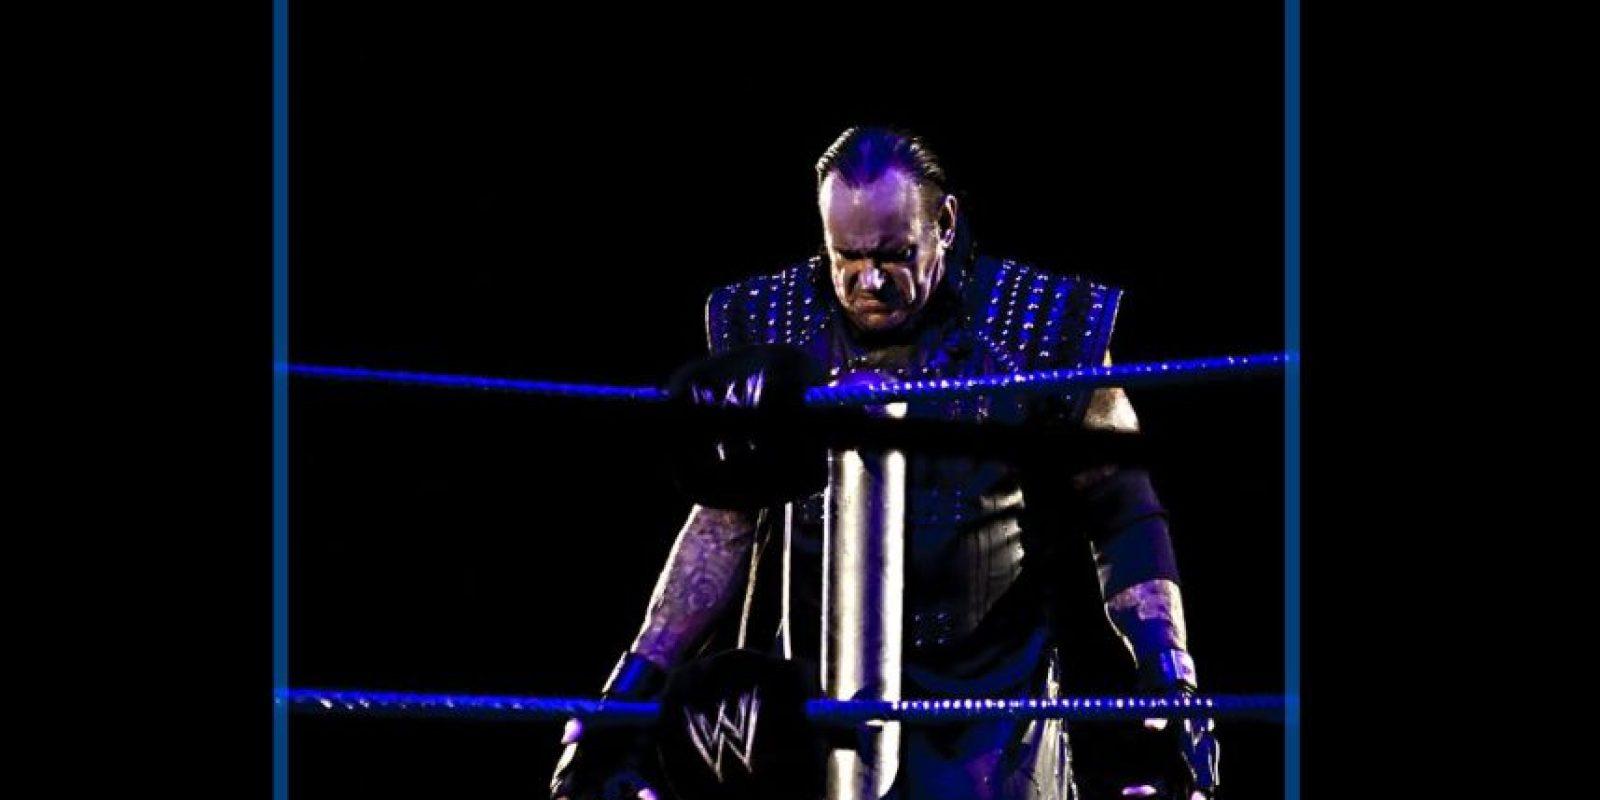 A sus 50 años peleó en el pasado SummerSlam, donde venció en una polémica pelea a Brock Lesnar Foto:WWE